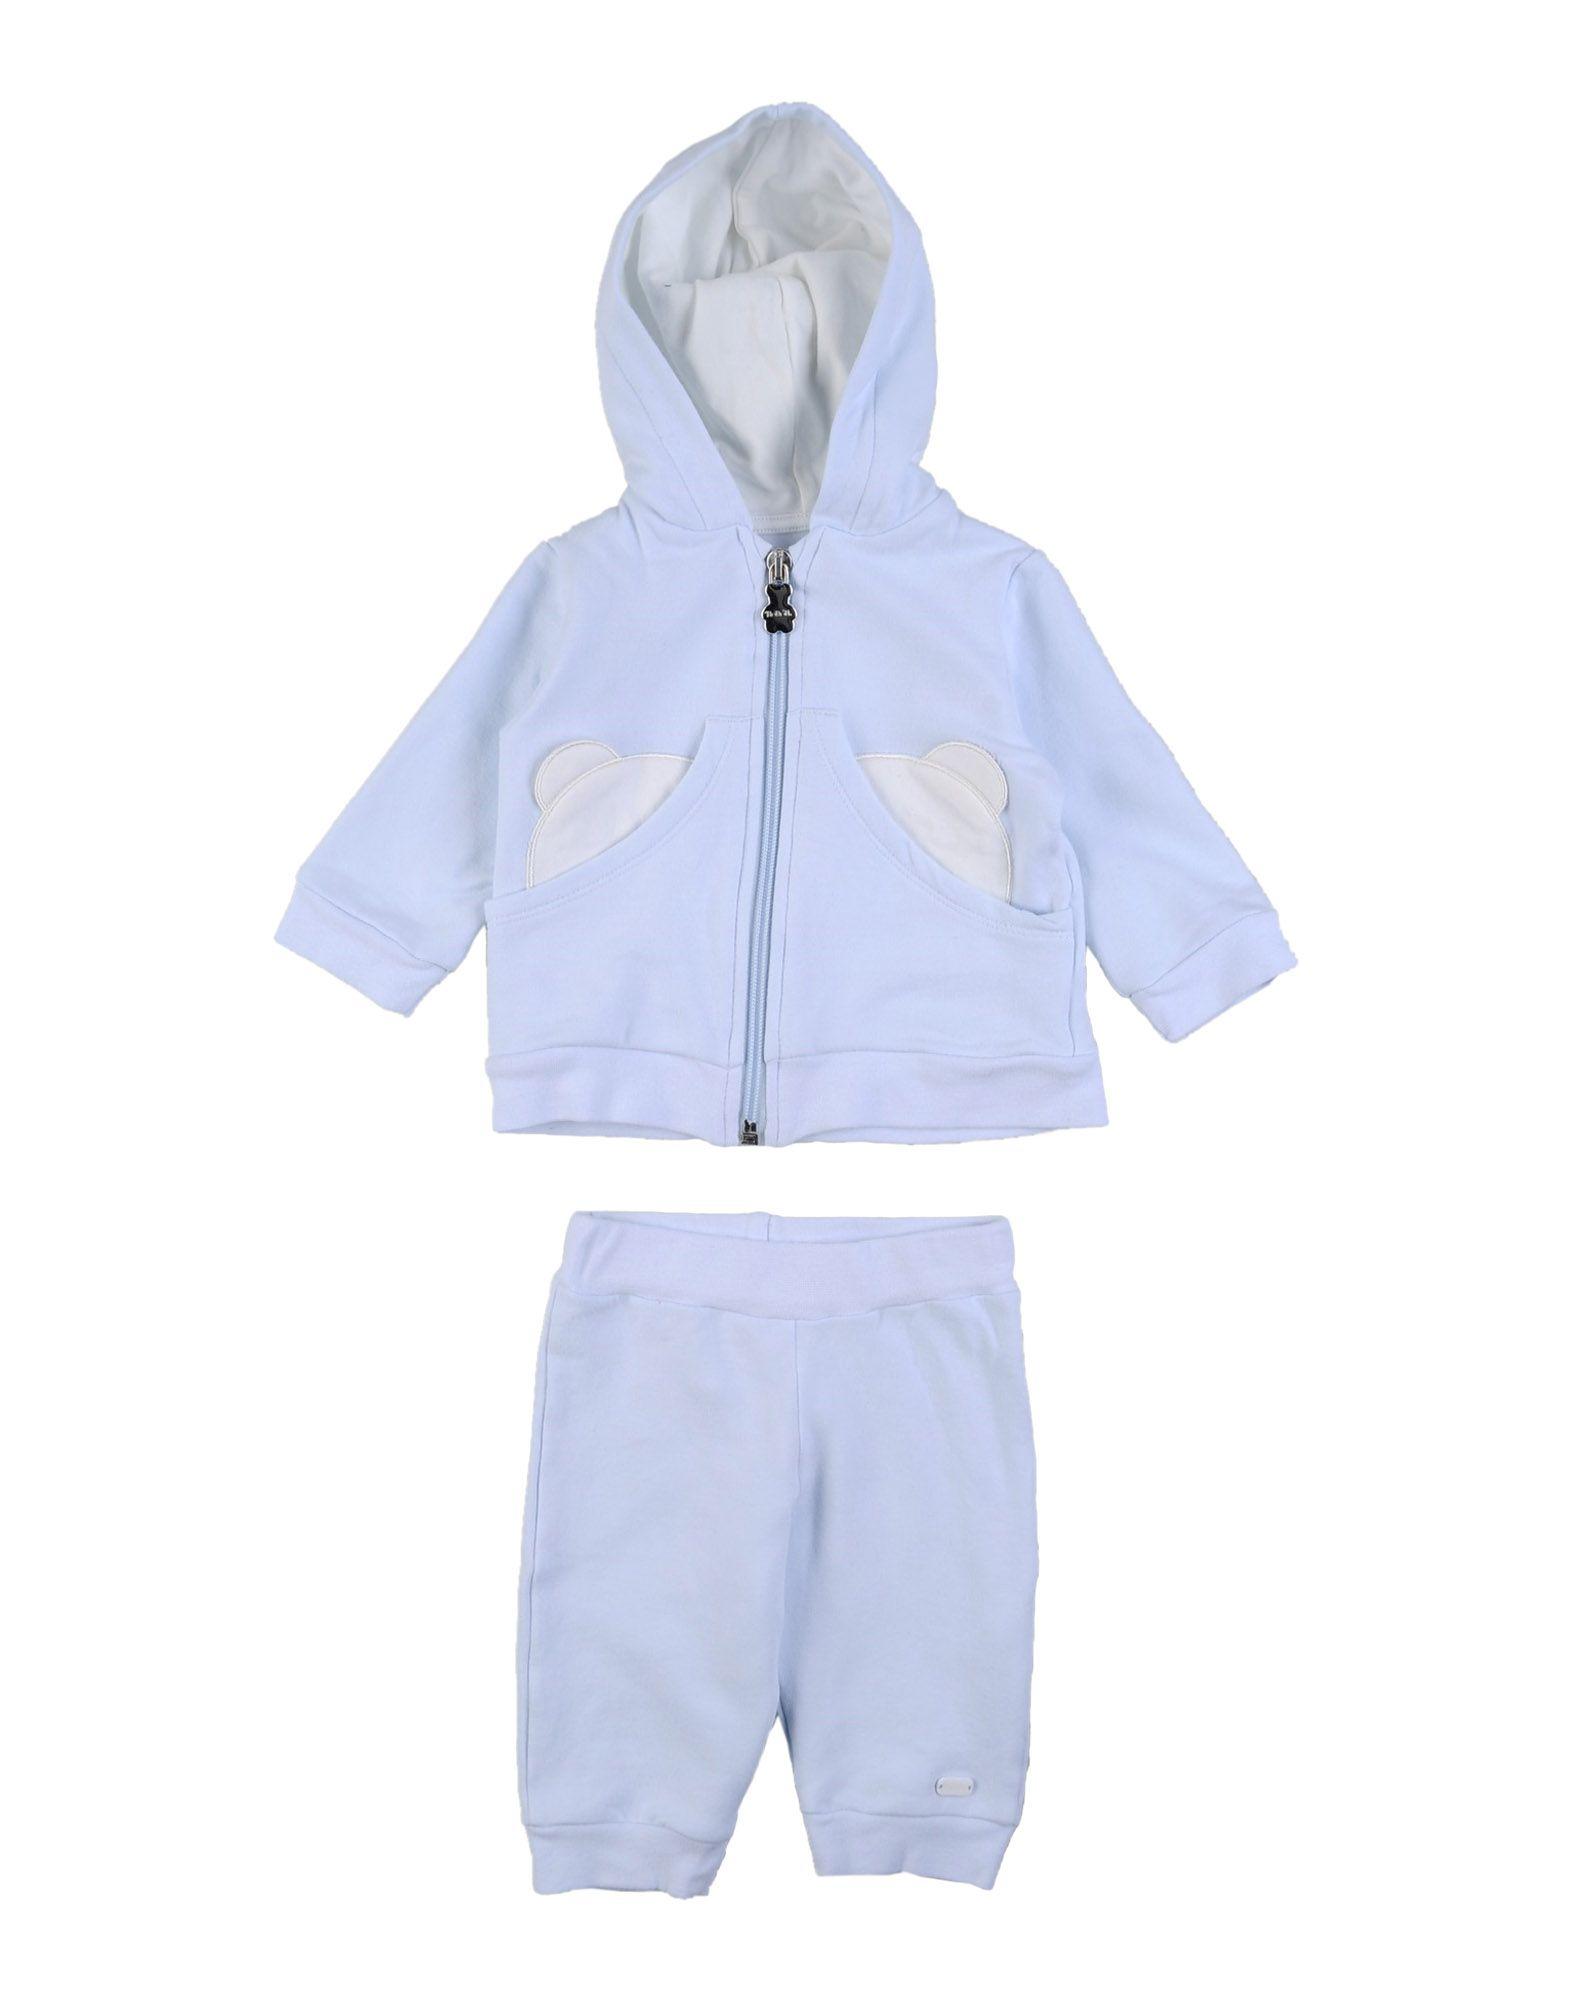 NANN Baby sweatsuits